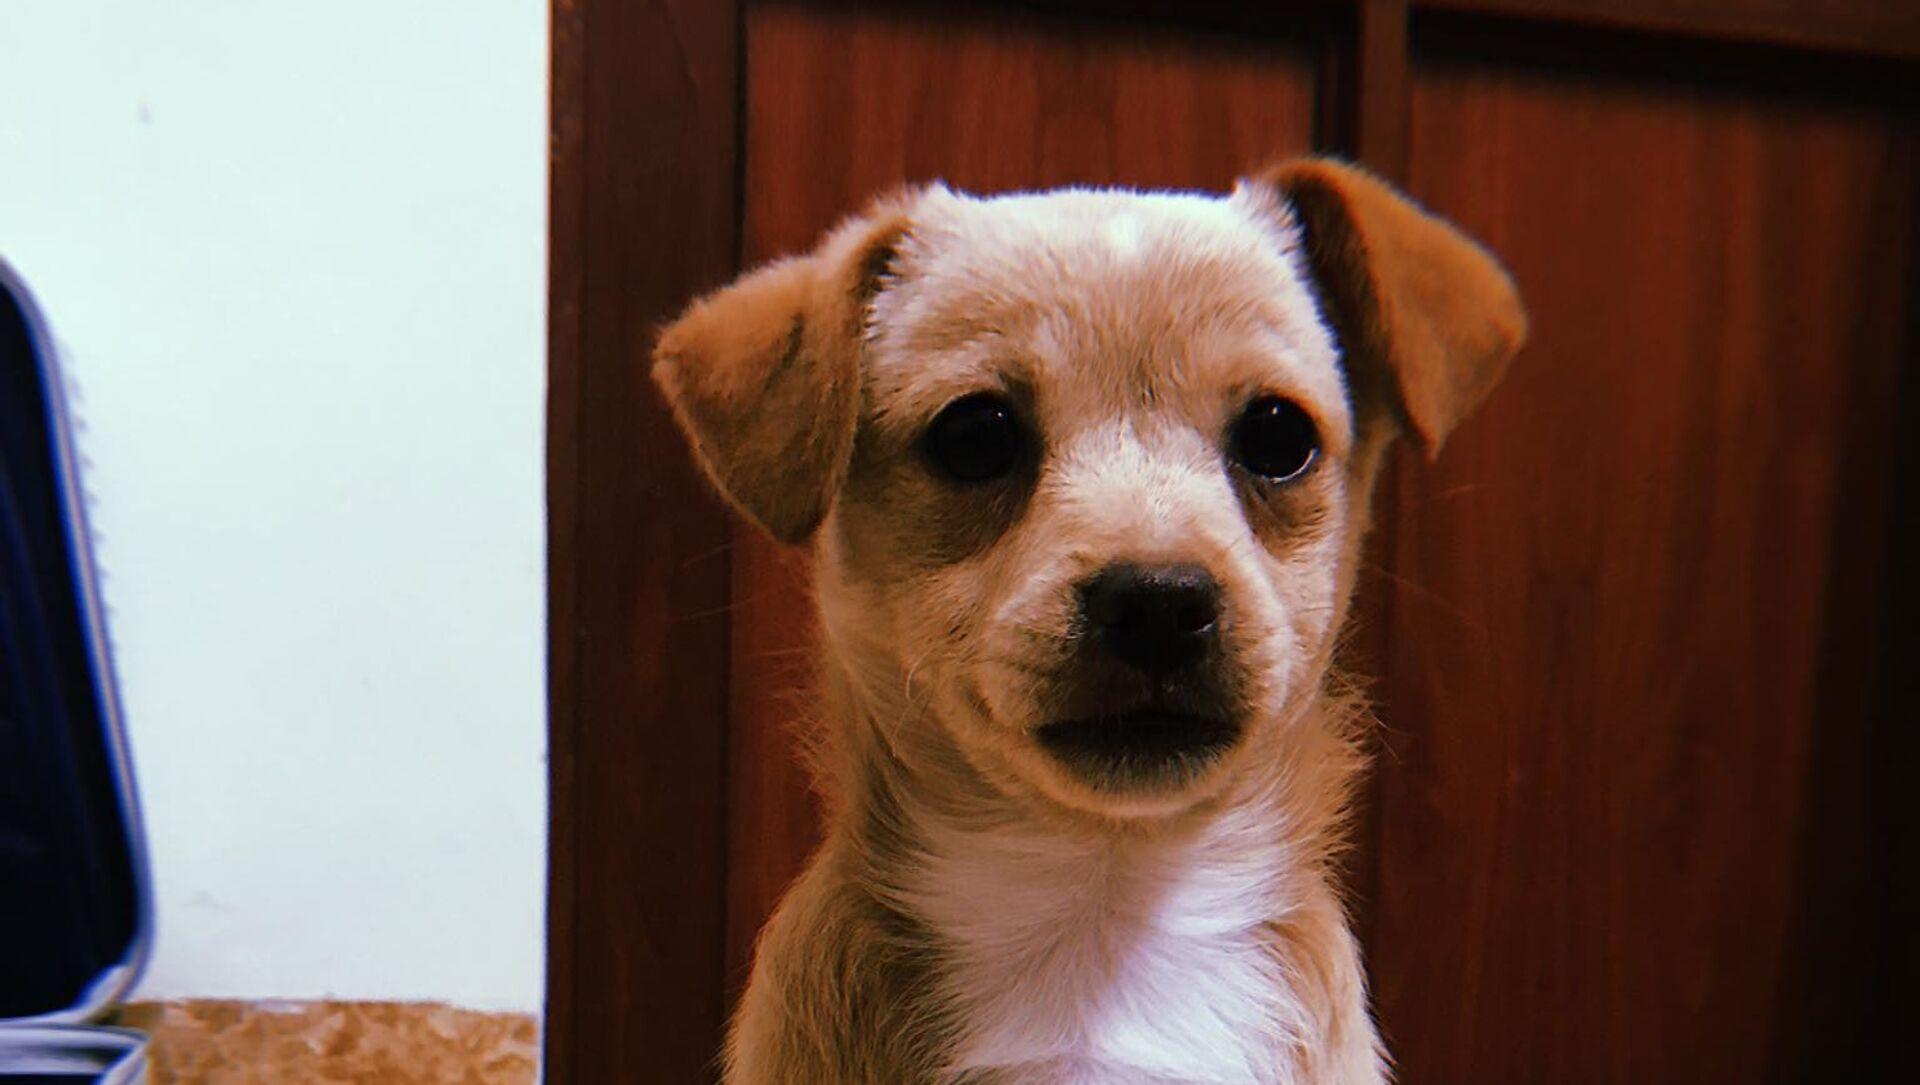 Pet - chú chó cưng của anh Tiến Thành - Sputnik Việt Nam, 1920, 10.04.2021